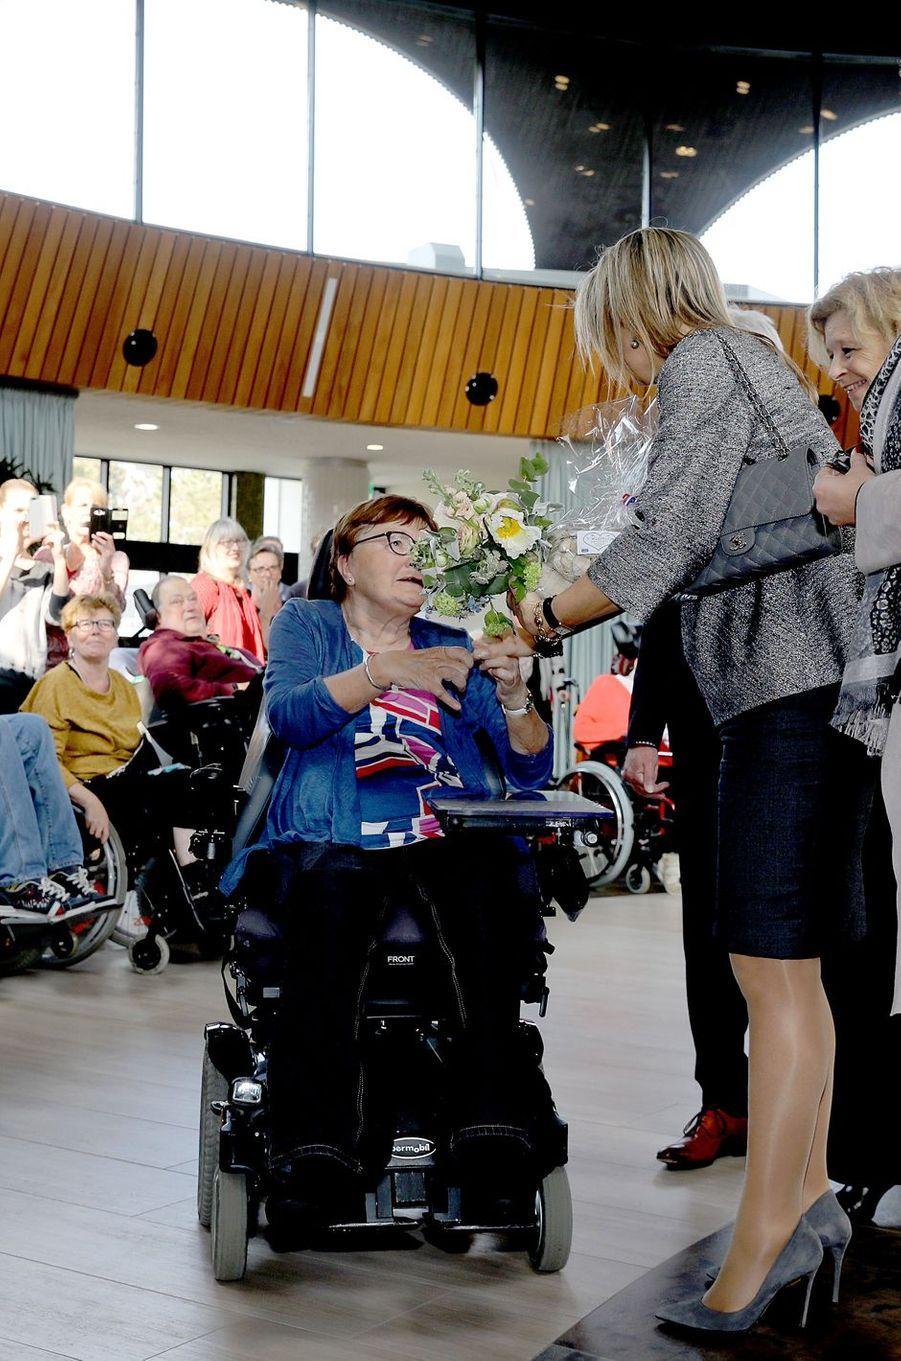 La reine Maxima des Pays-Bas en visite à Zandvoort, le 11 avril 2018